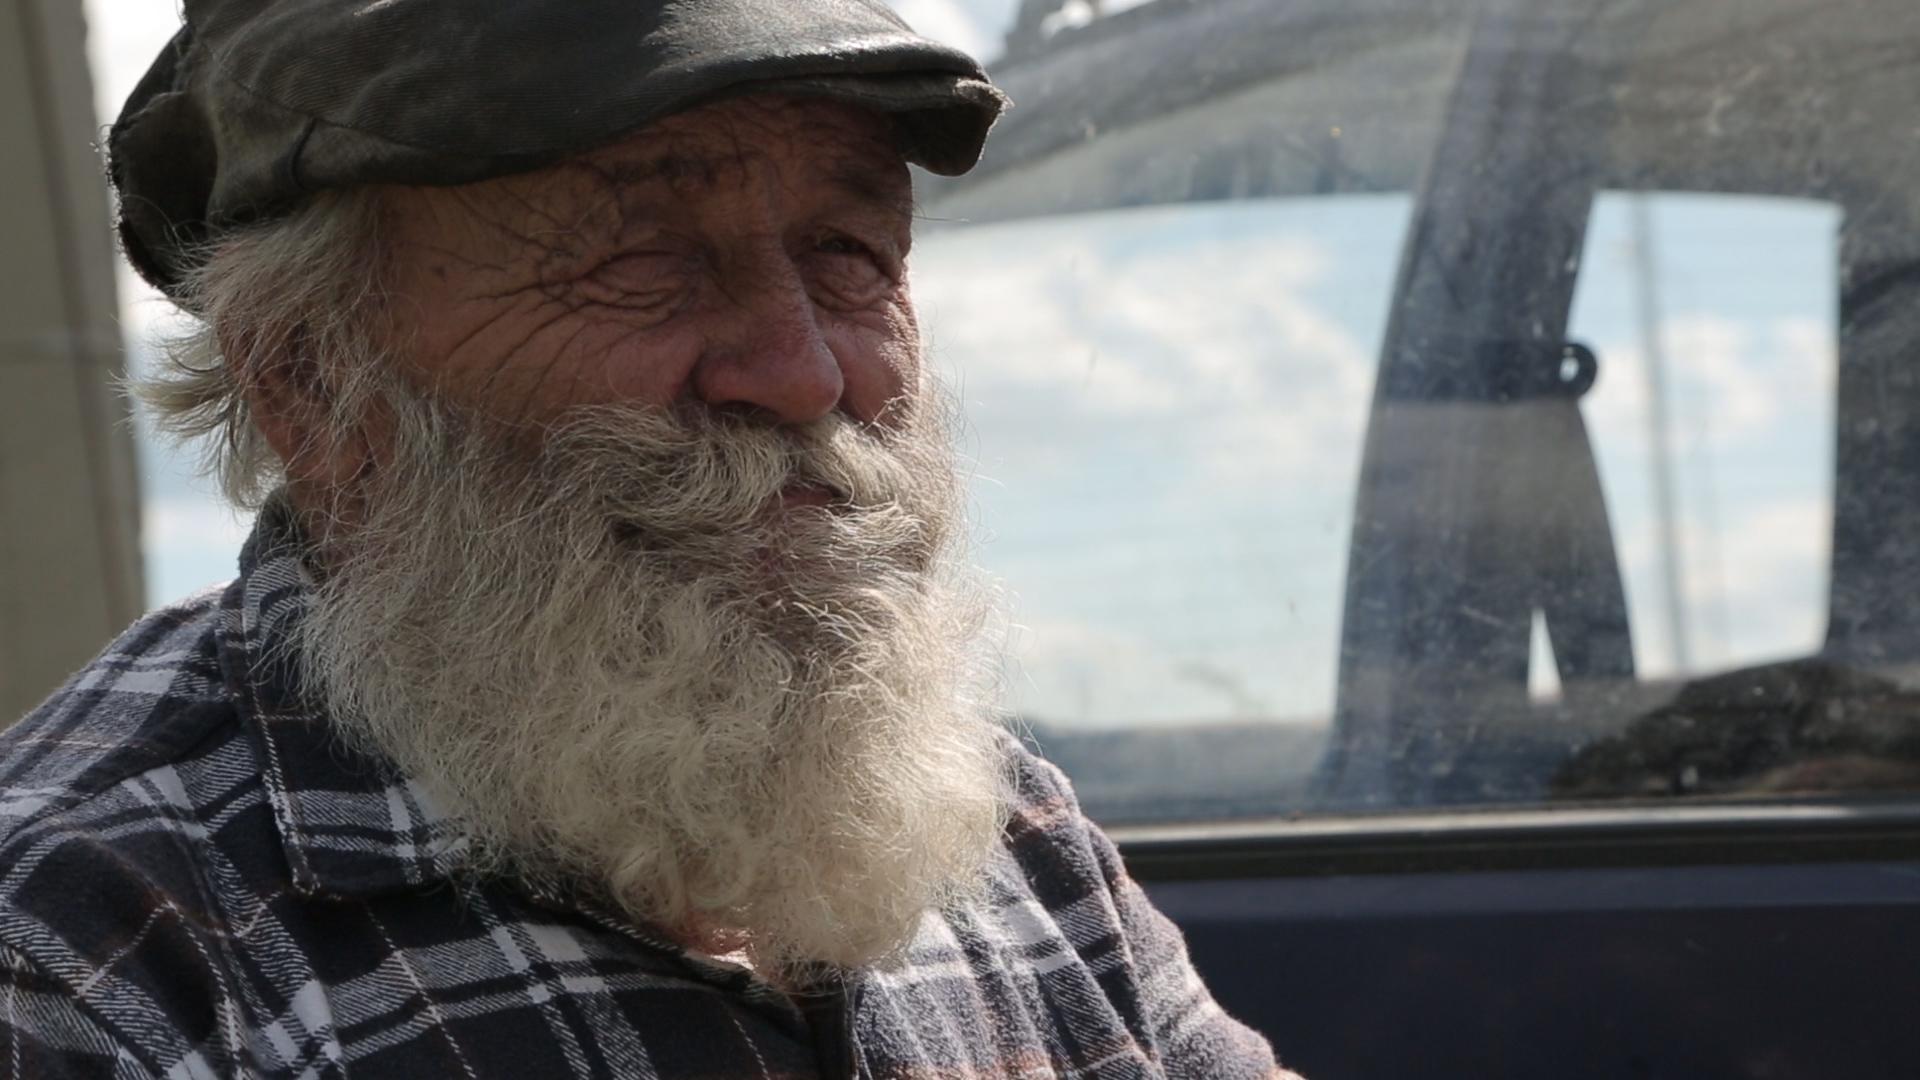 велосипедах, крупные фото бородатых стариков продаётся